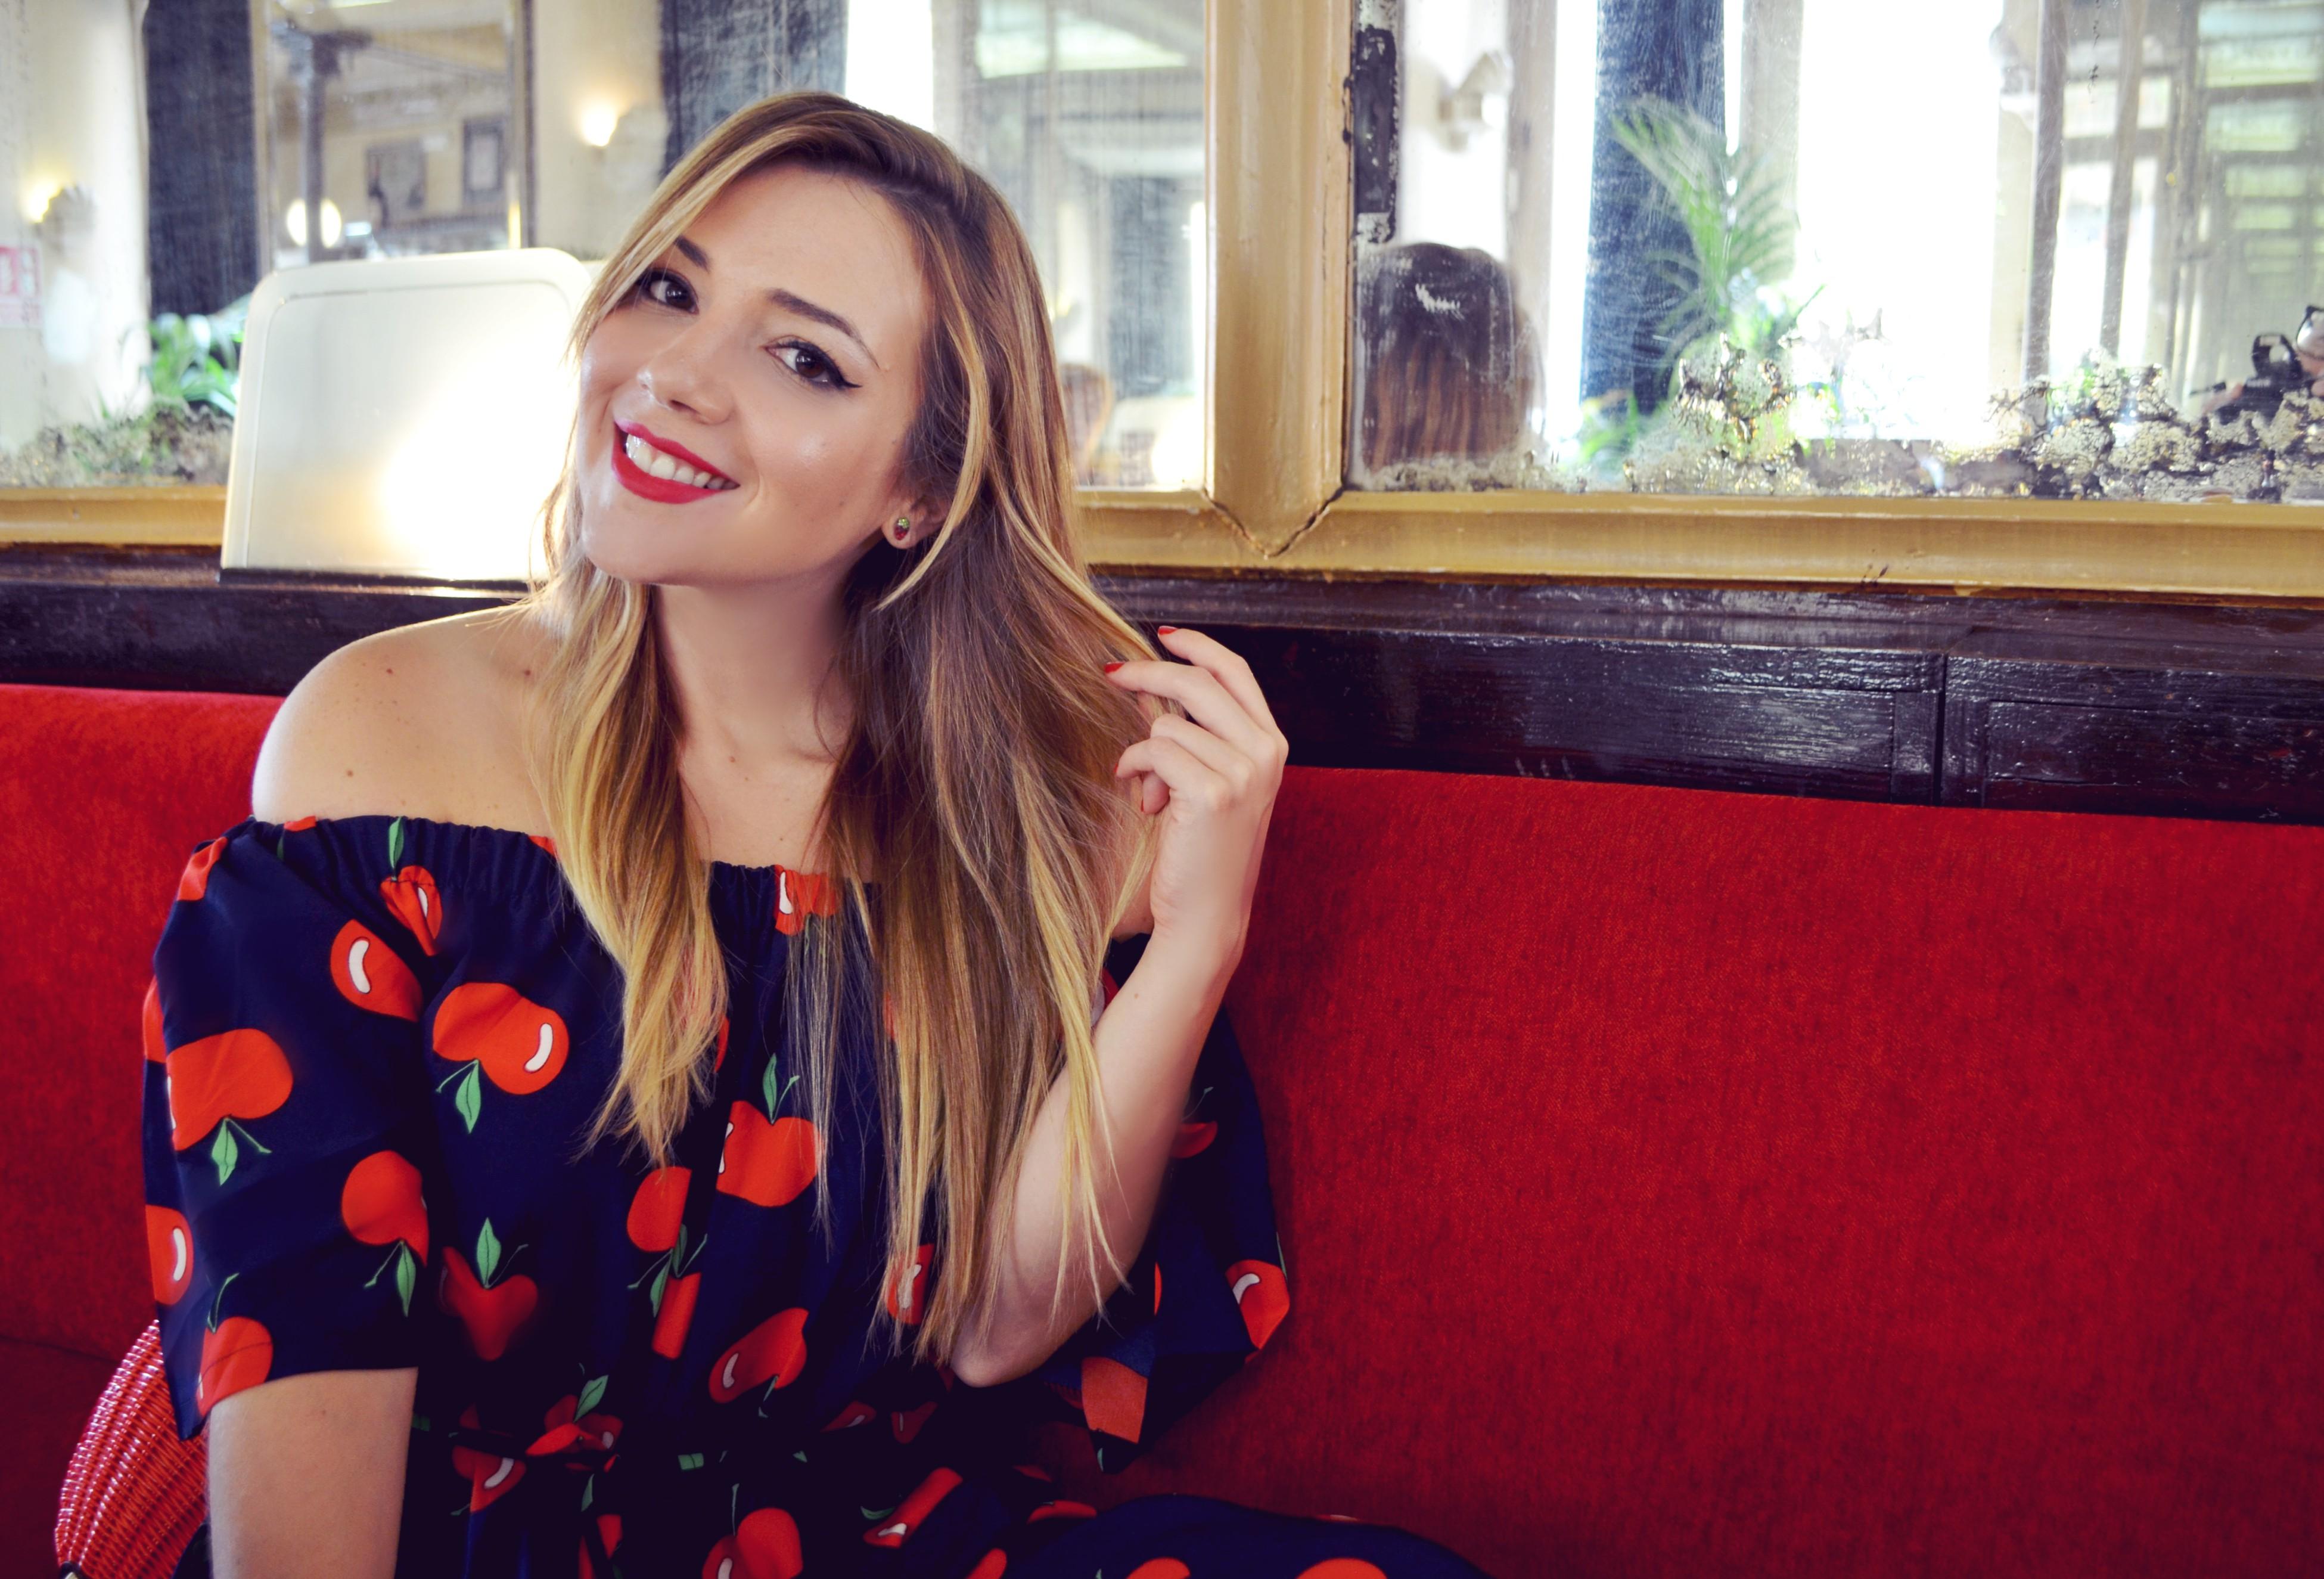 ChicAdicta-influencer-espana-Chic-Adicta-blog-de-moda-vestido-smile-estampado-de-manzanas-monos-de-verano-Apple-print-PiensaenChic-Piensa-en-Chic